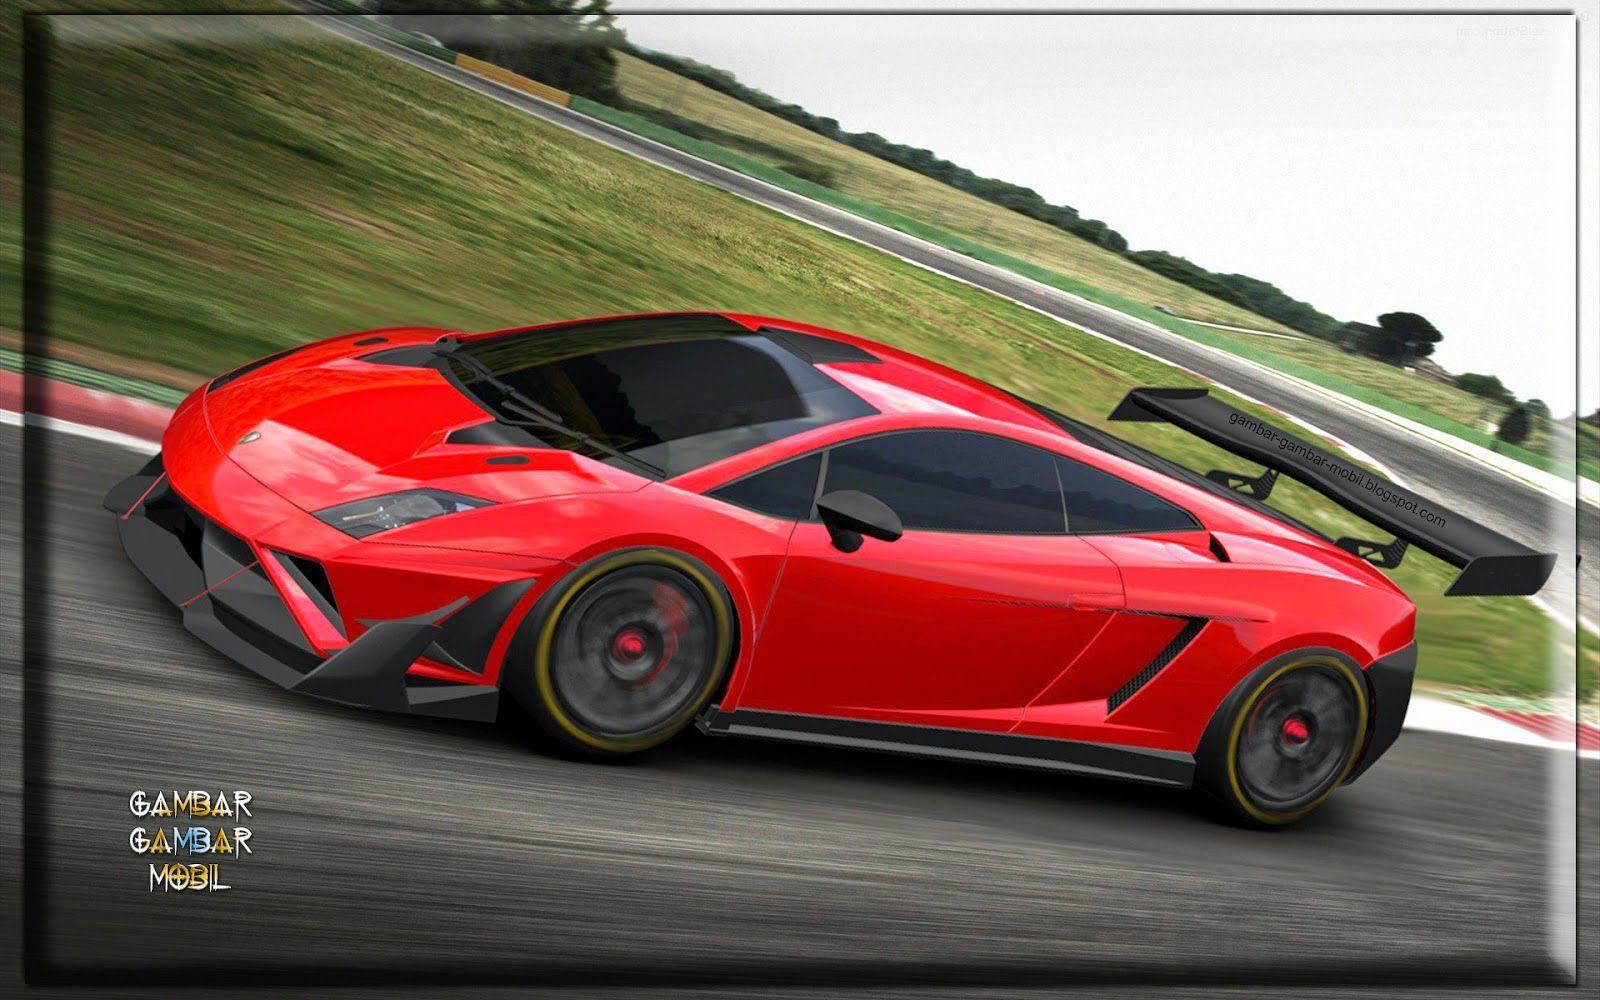 Gambar Mobil Balap Galardo Gambar Gambar Mobil Mobil Balap Lamborghini Gallardo Mobil